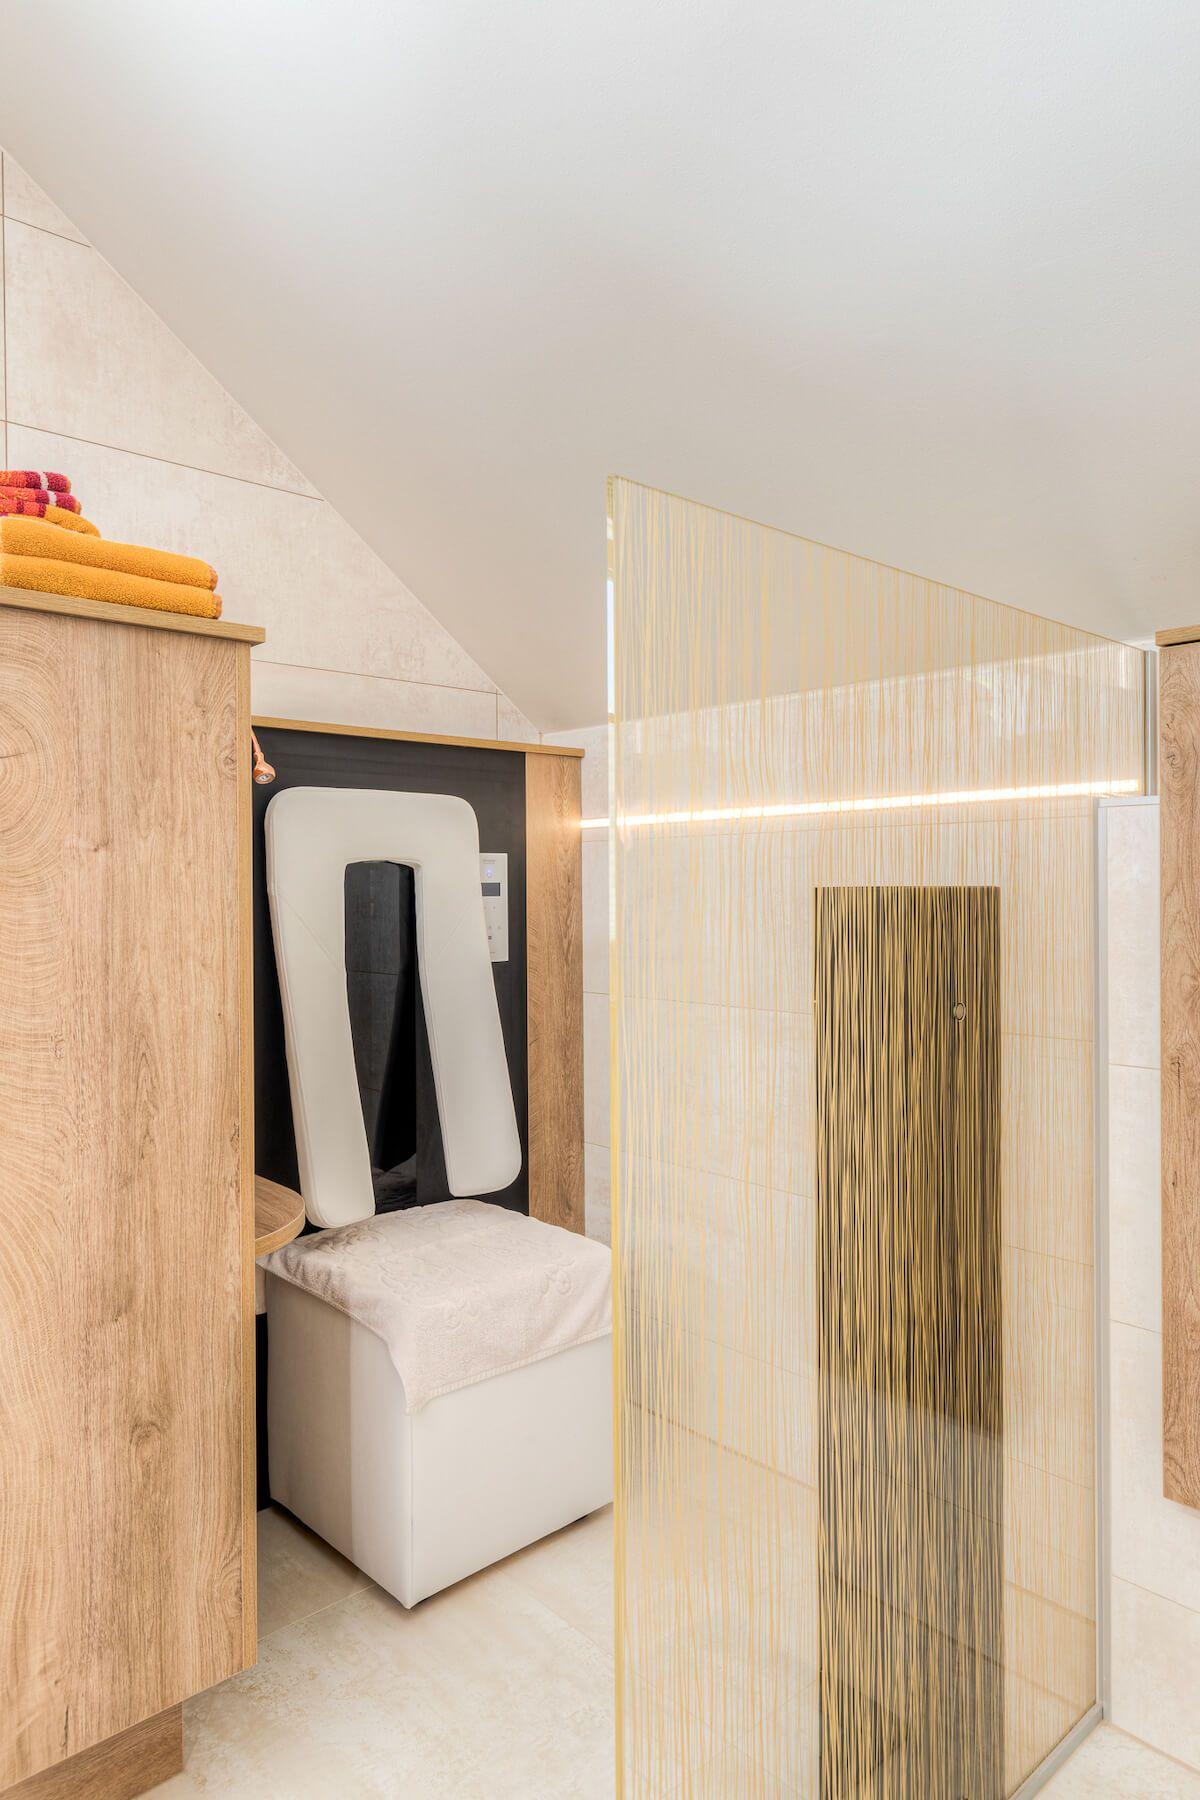 Steiner 06 21 72dpi 014 - Kreativer Dachgeschossausbau mit Hotelfeeling